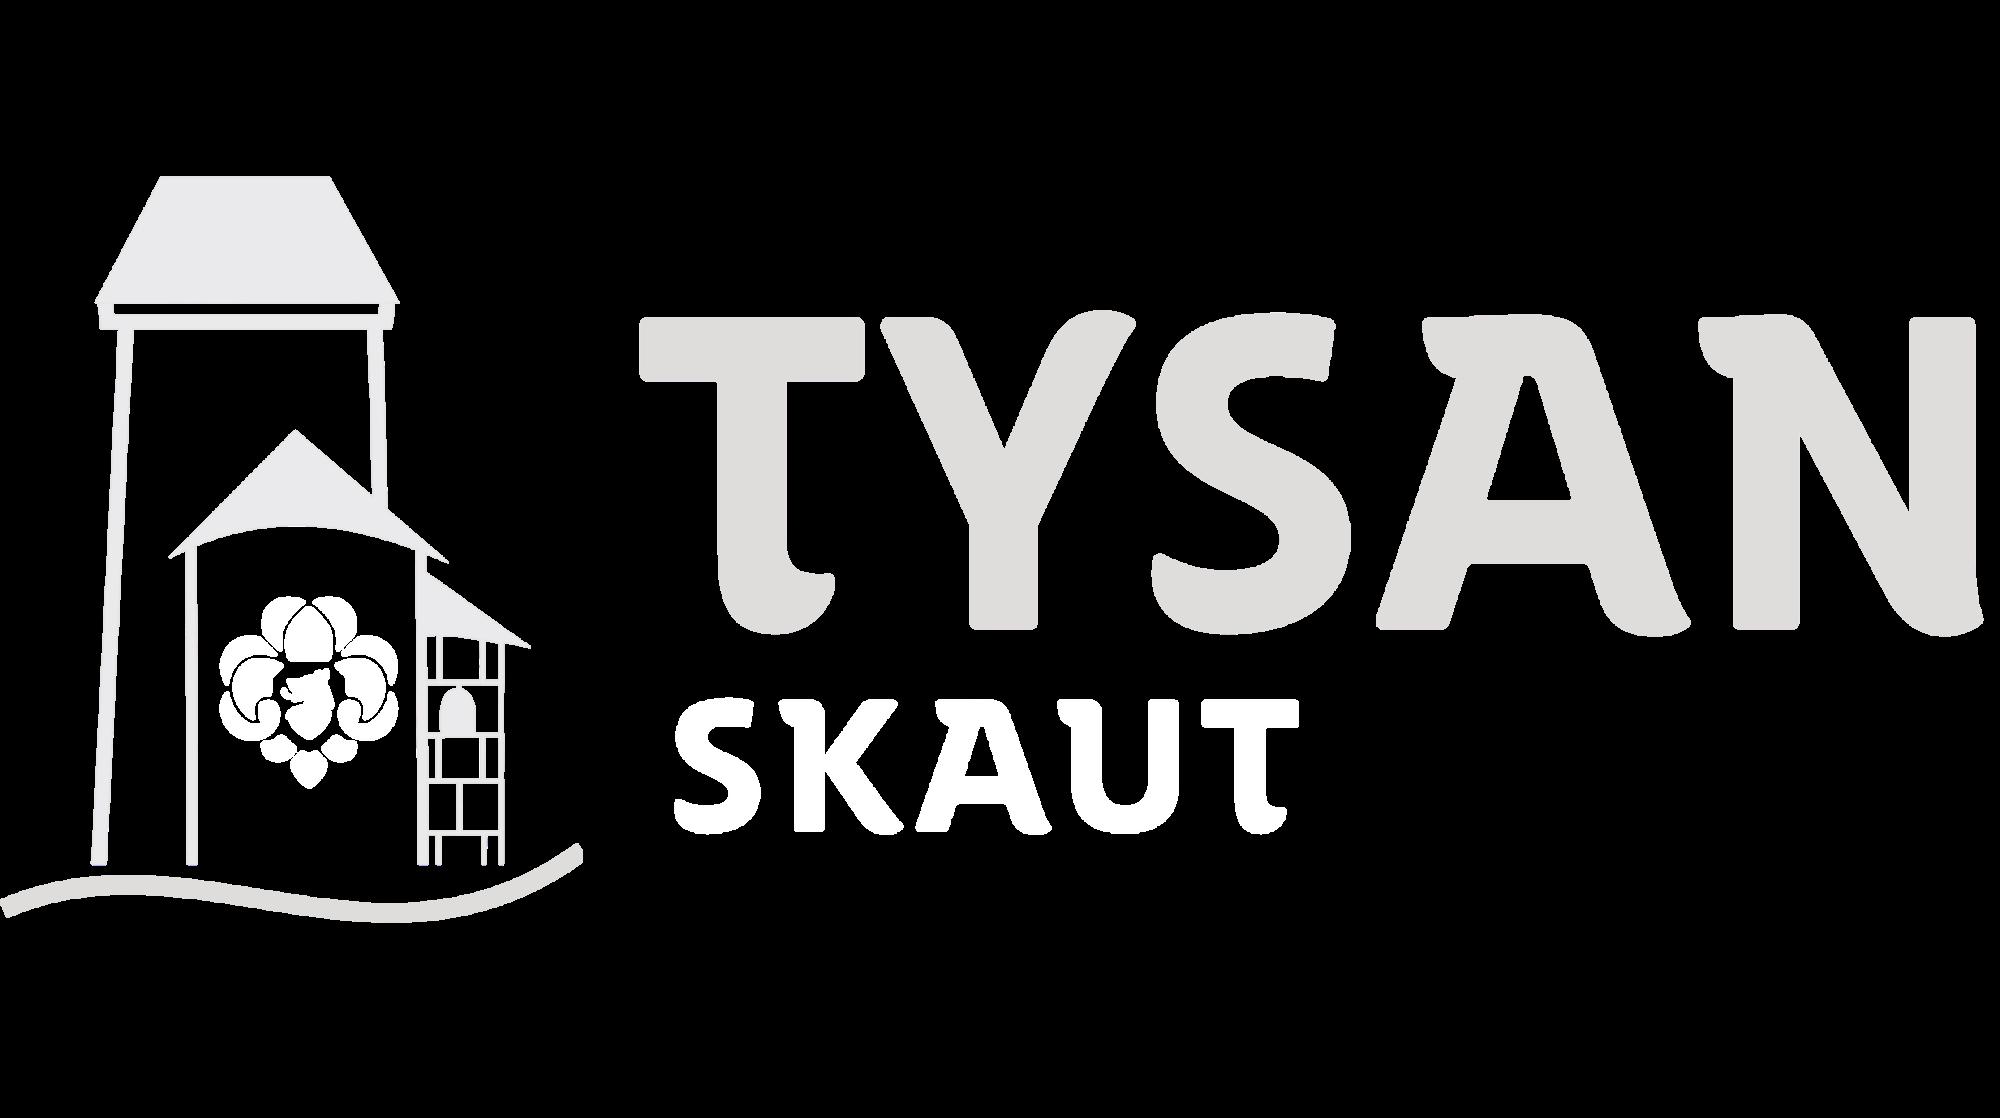 Skaut Tysan Tynec nad Sazavou